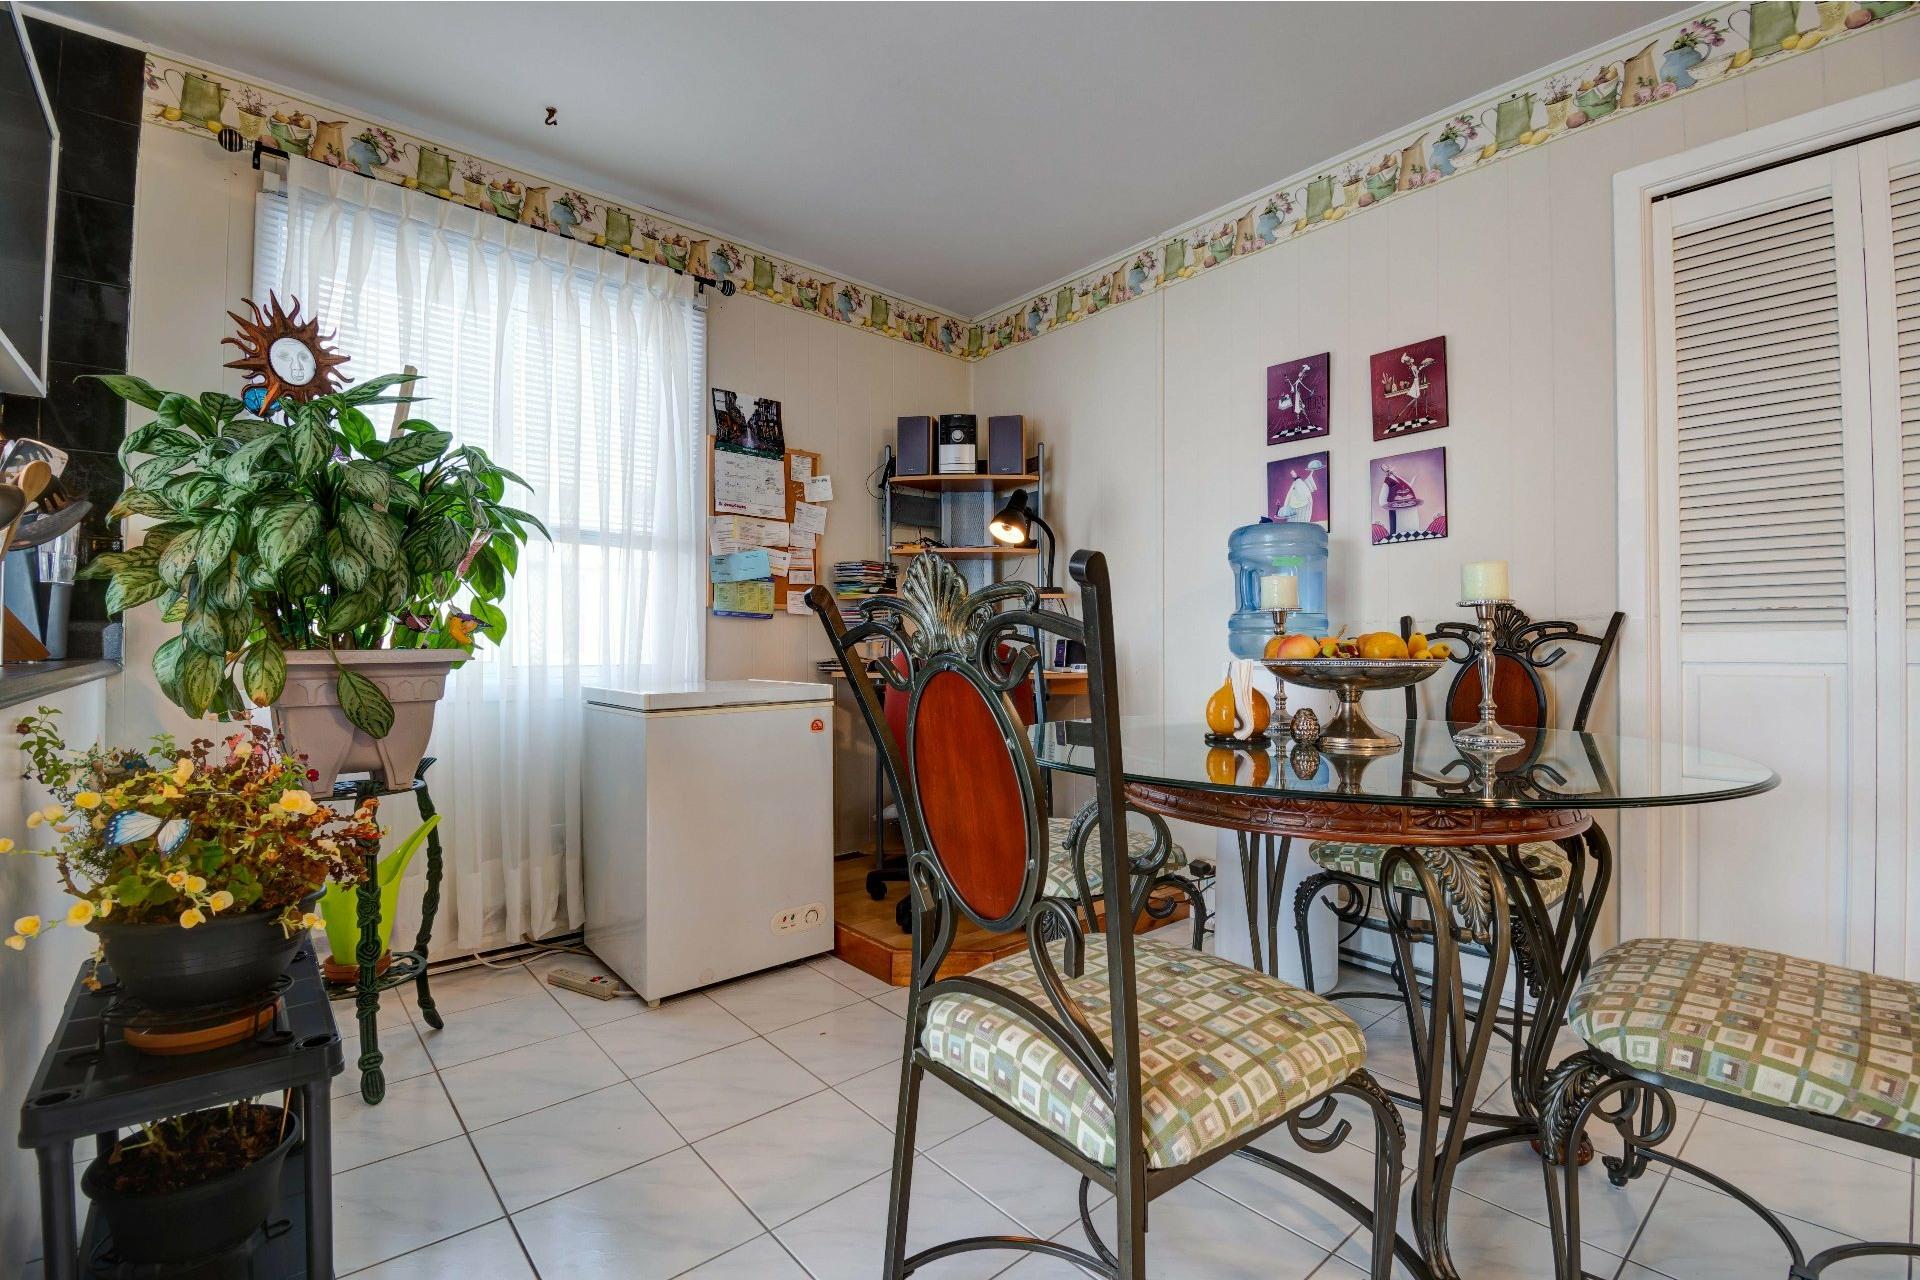 image 8 - Duplex À vendre Trois-Rivières - 6 pièces